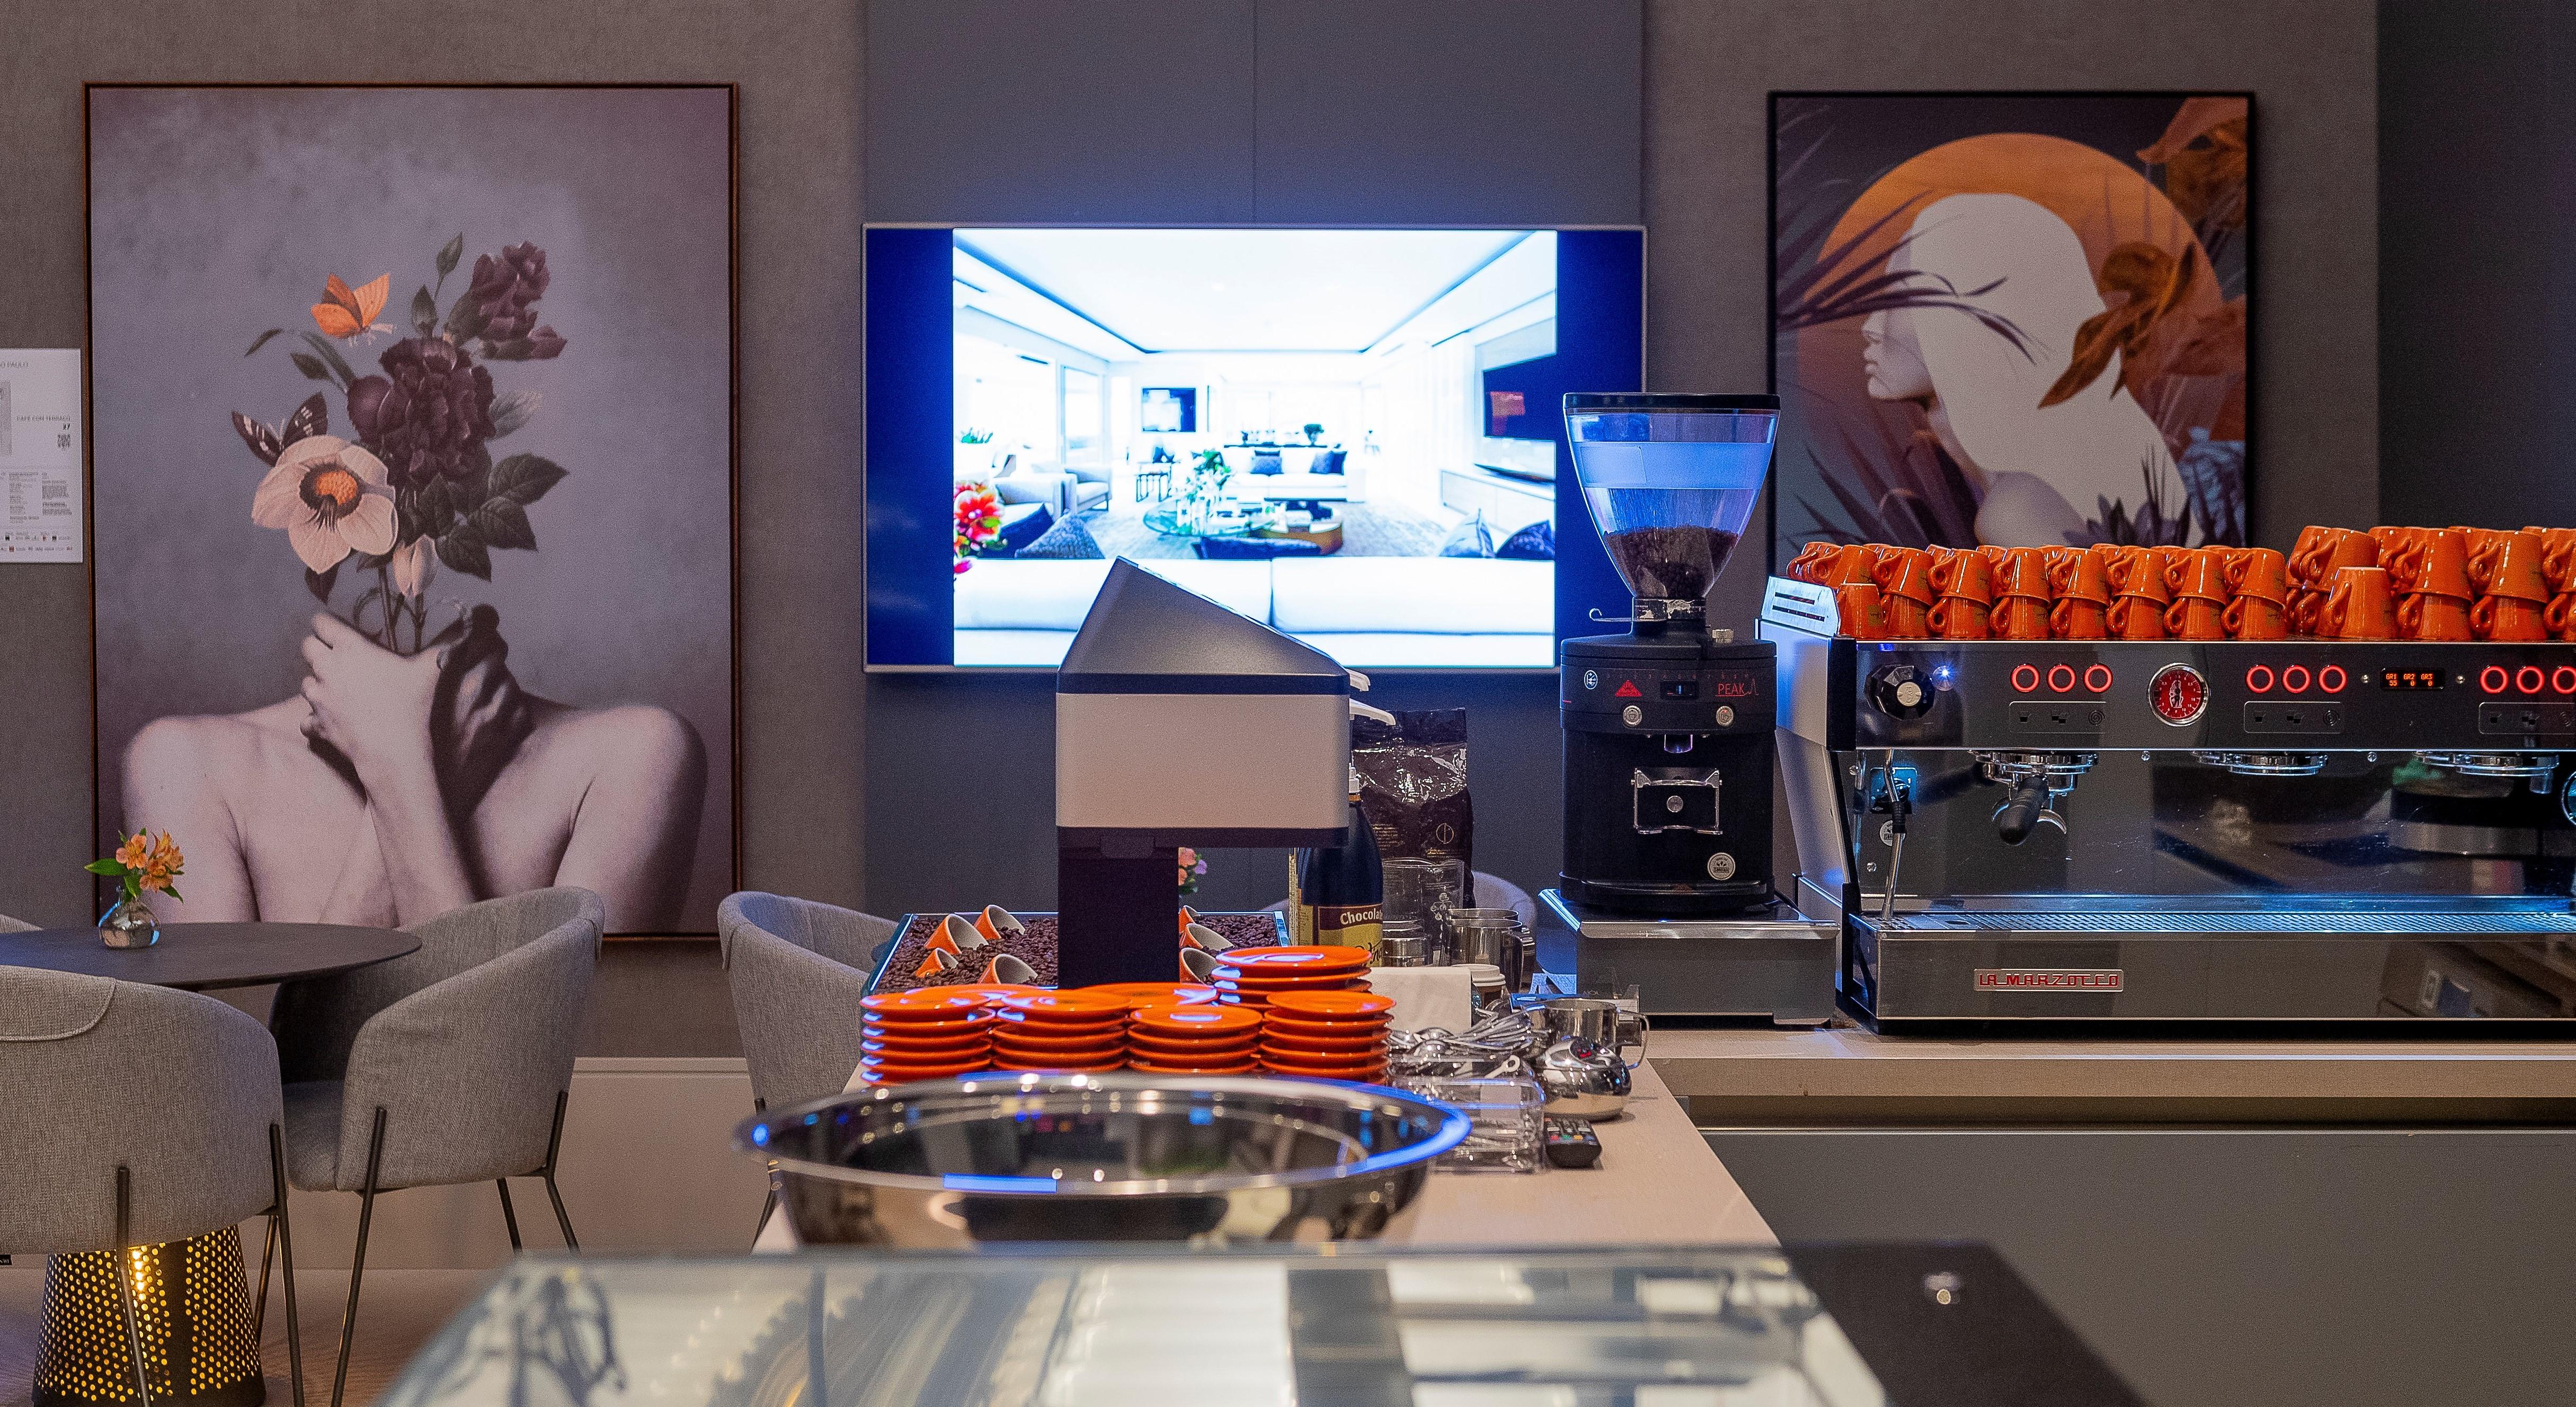 Espaço da ofner na CASACOR SP 2019. Jóia Bergamo. Bancada em laminado Linho, Cafeteiras, pequenas xícaras e pires laranjas, quadros conceituais na parede e um monitor suspenso.